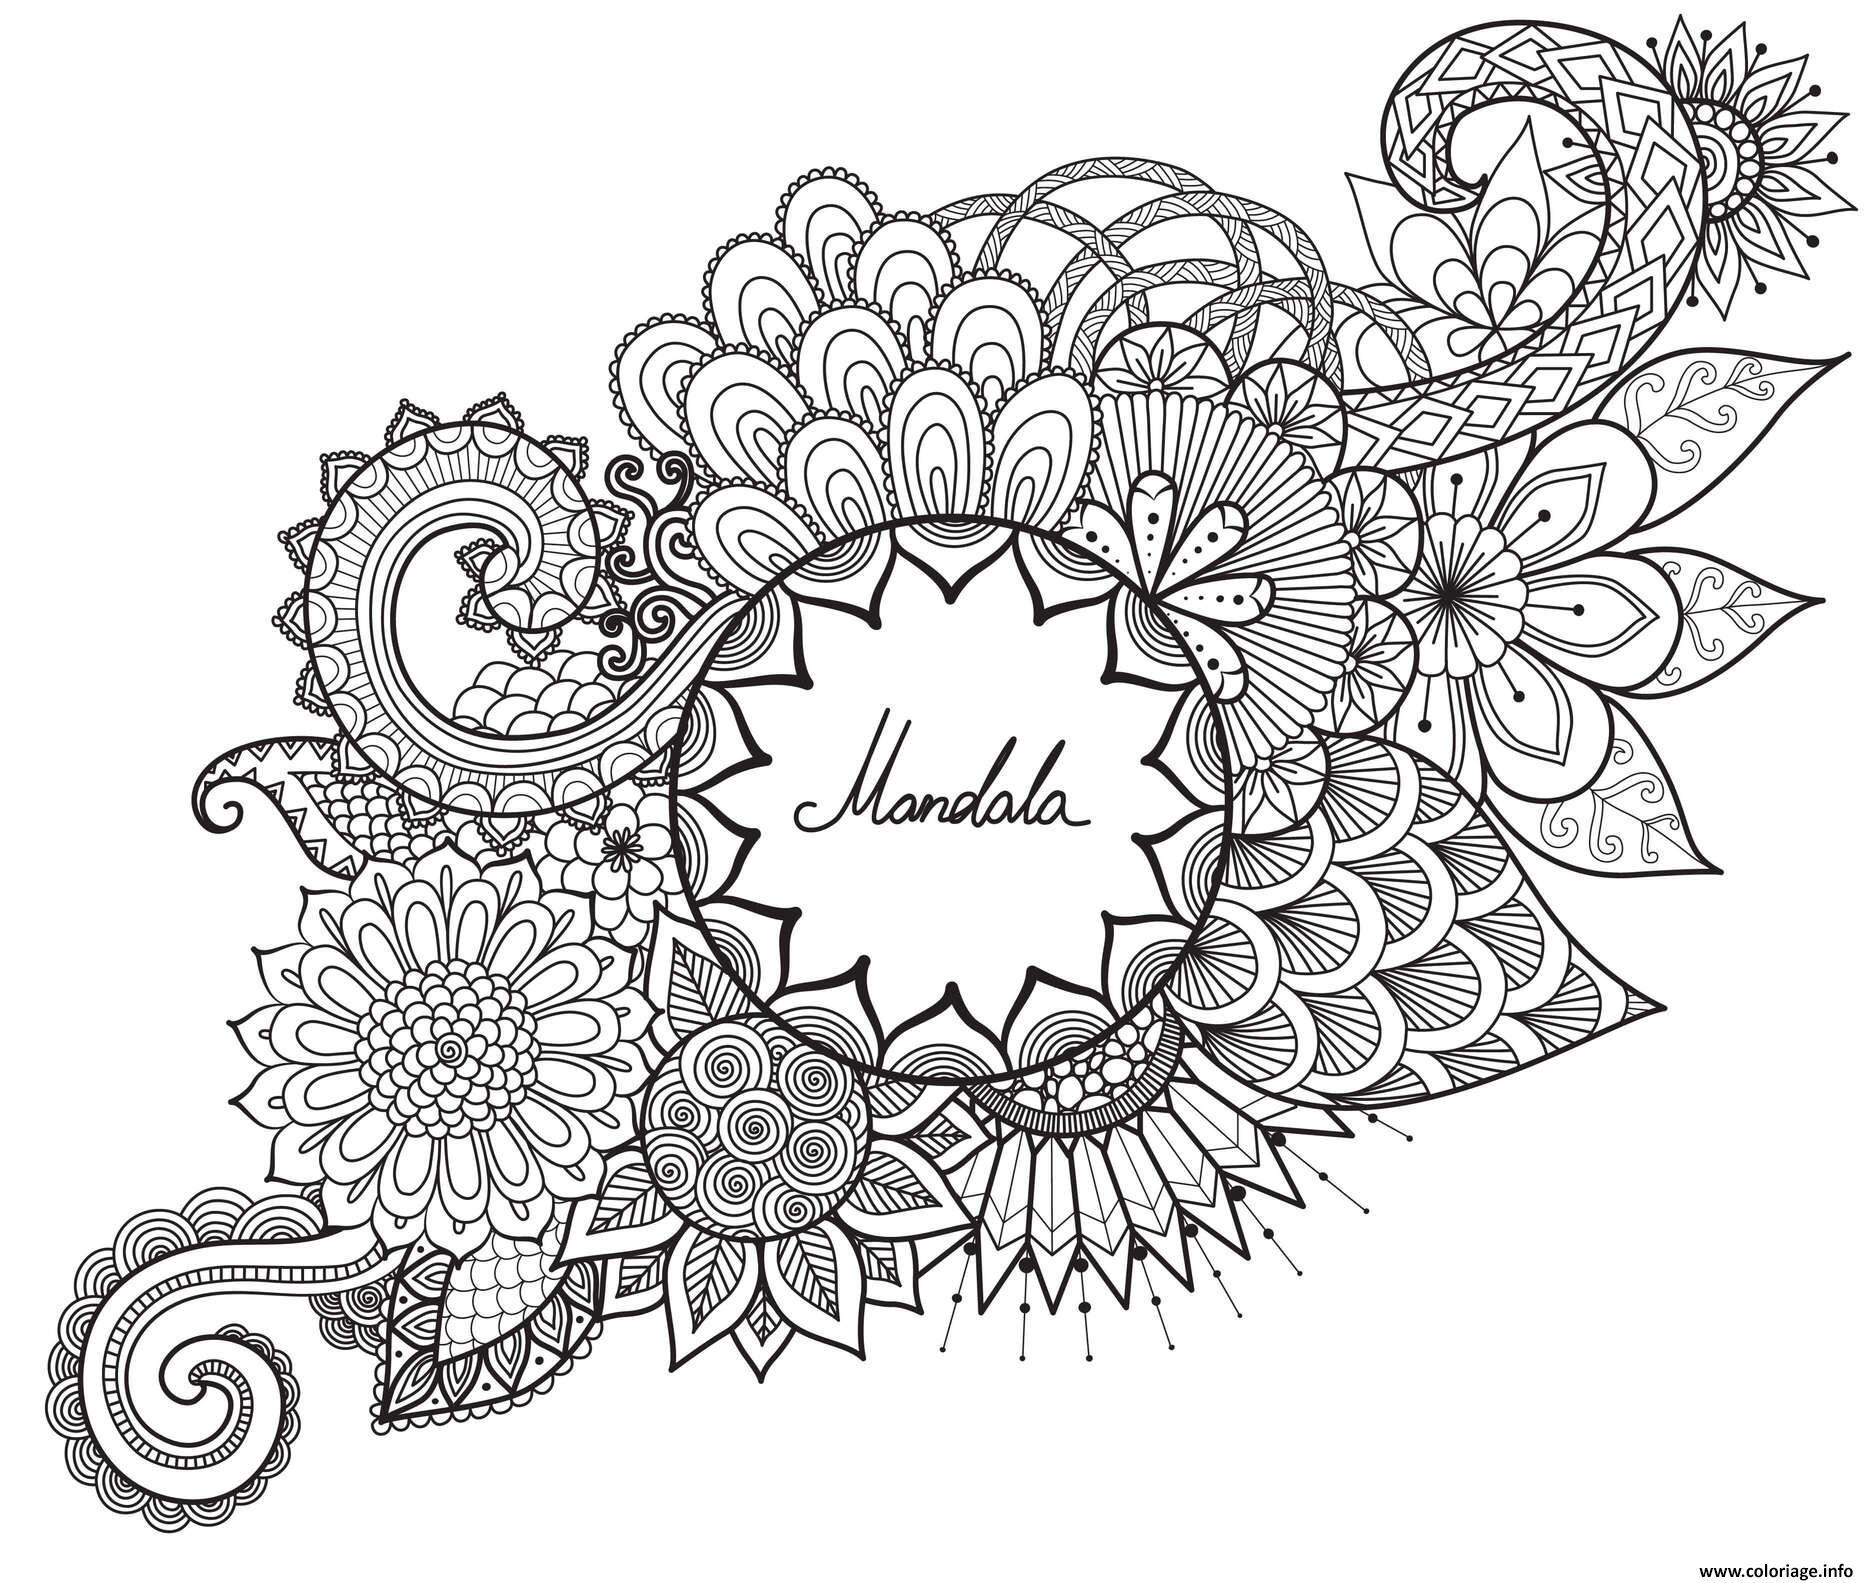 Coloriage Mandala Fleurs Et Vegetations Anti Stress Par Bimbimkha Jecolorie Com